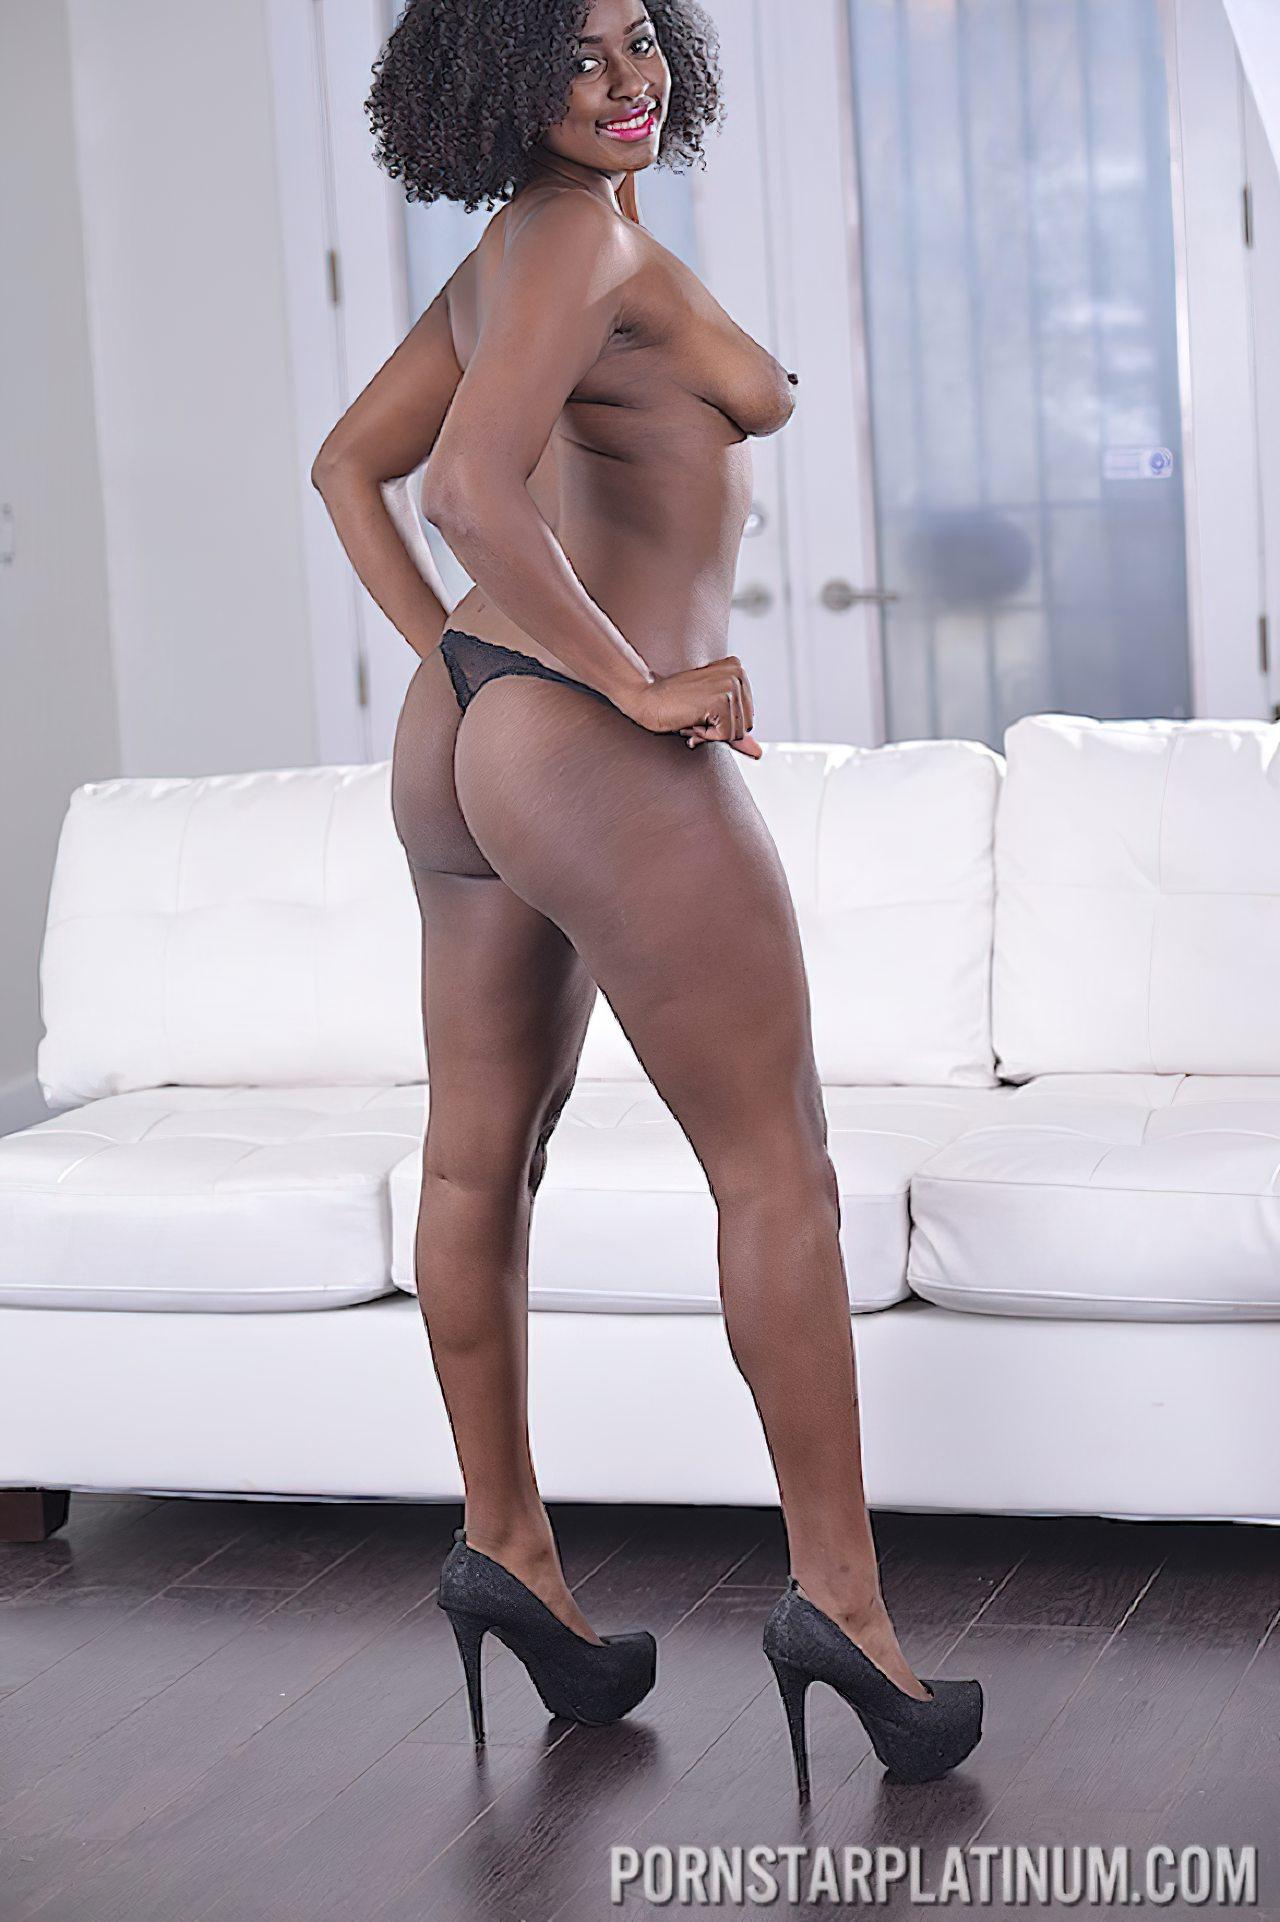 Mulher Negra Despindo Roupa (6)